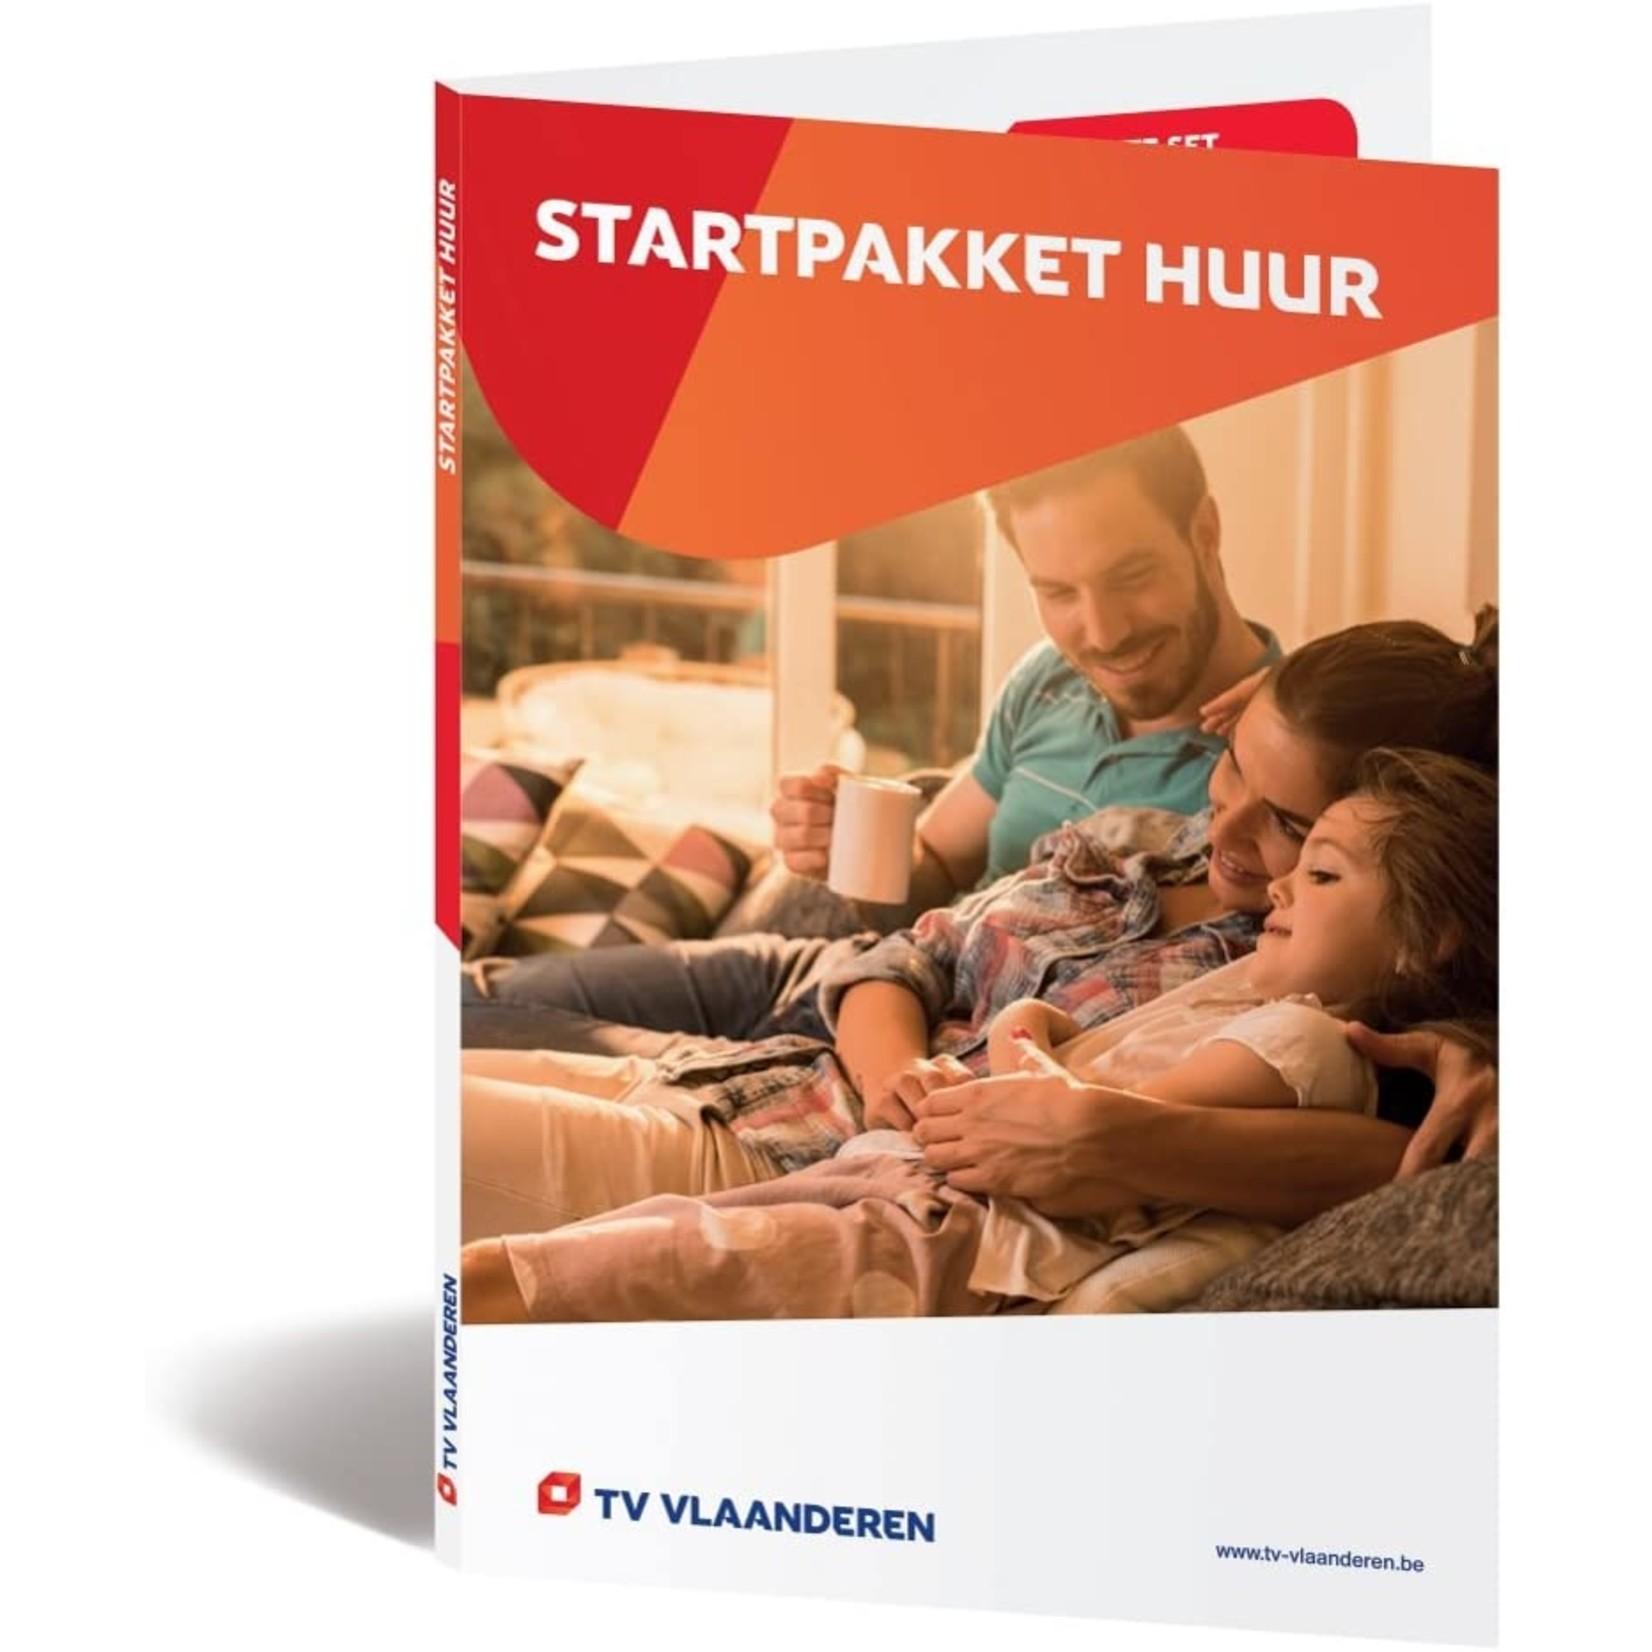 TV VLAANDEREN TV VLAANDEREN HUUR STARTERSPAKKET